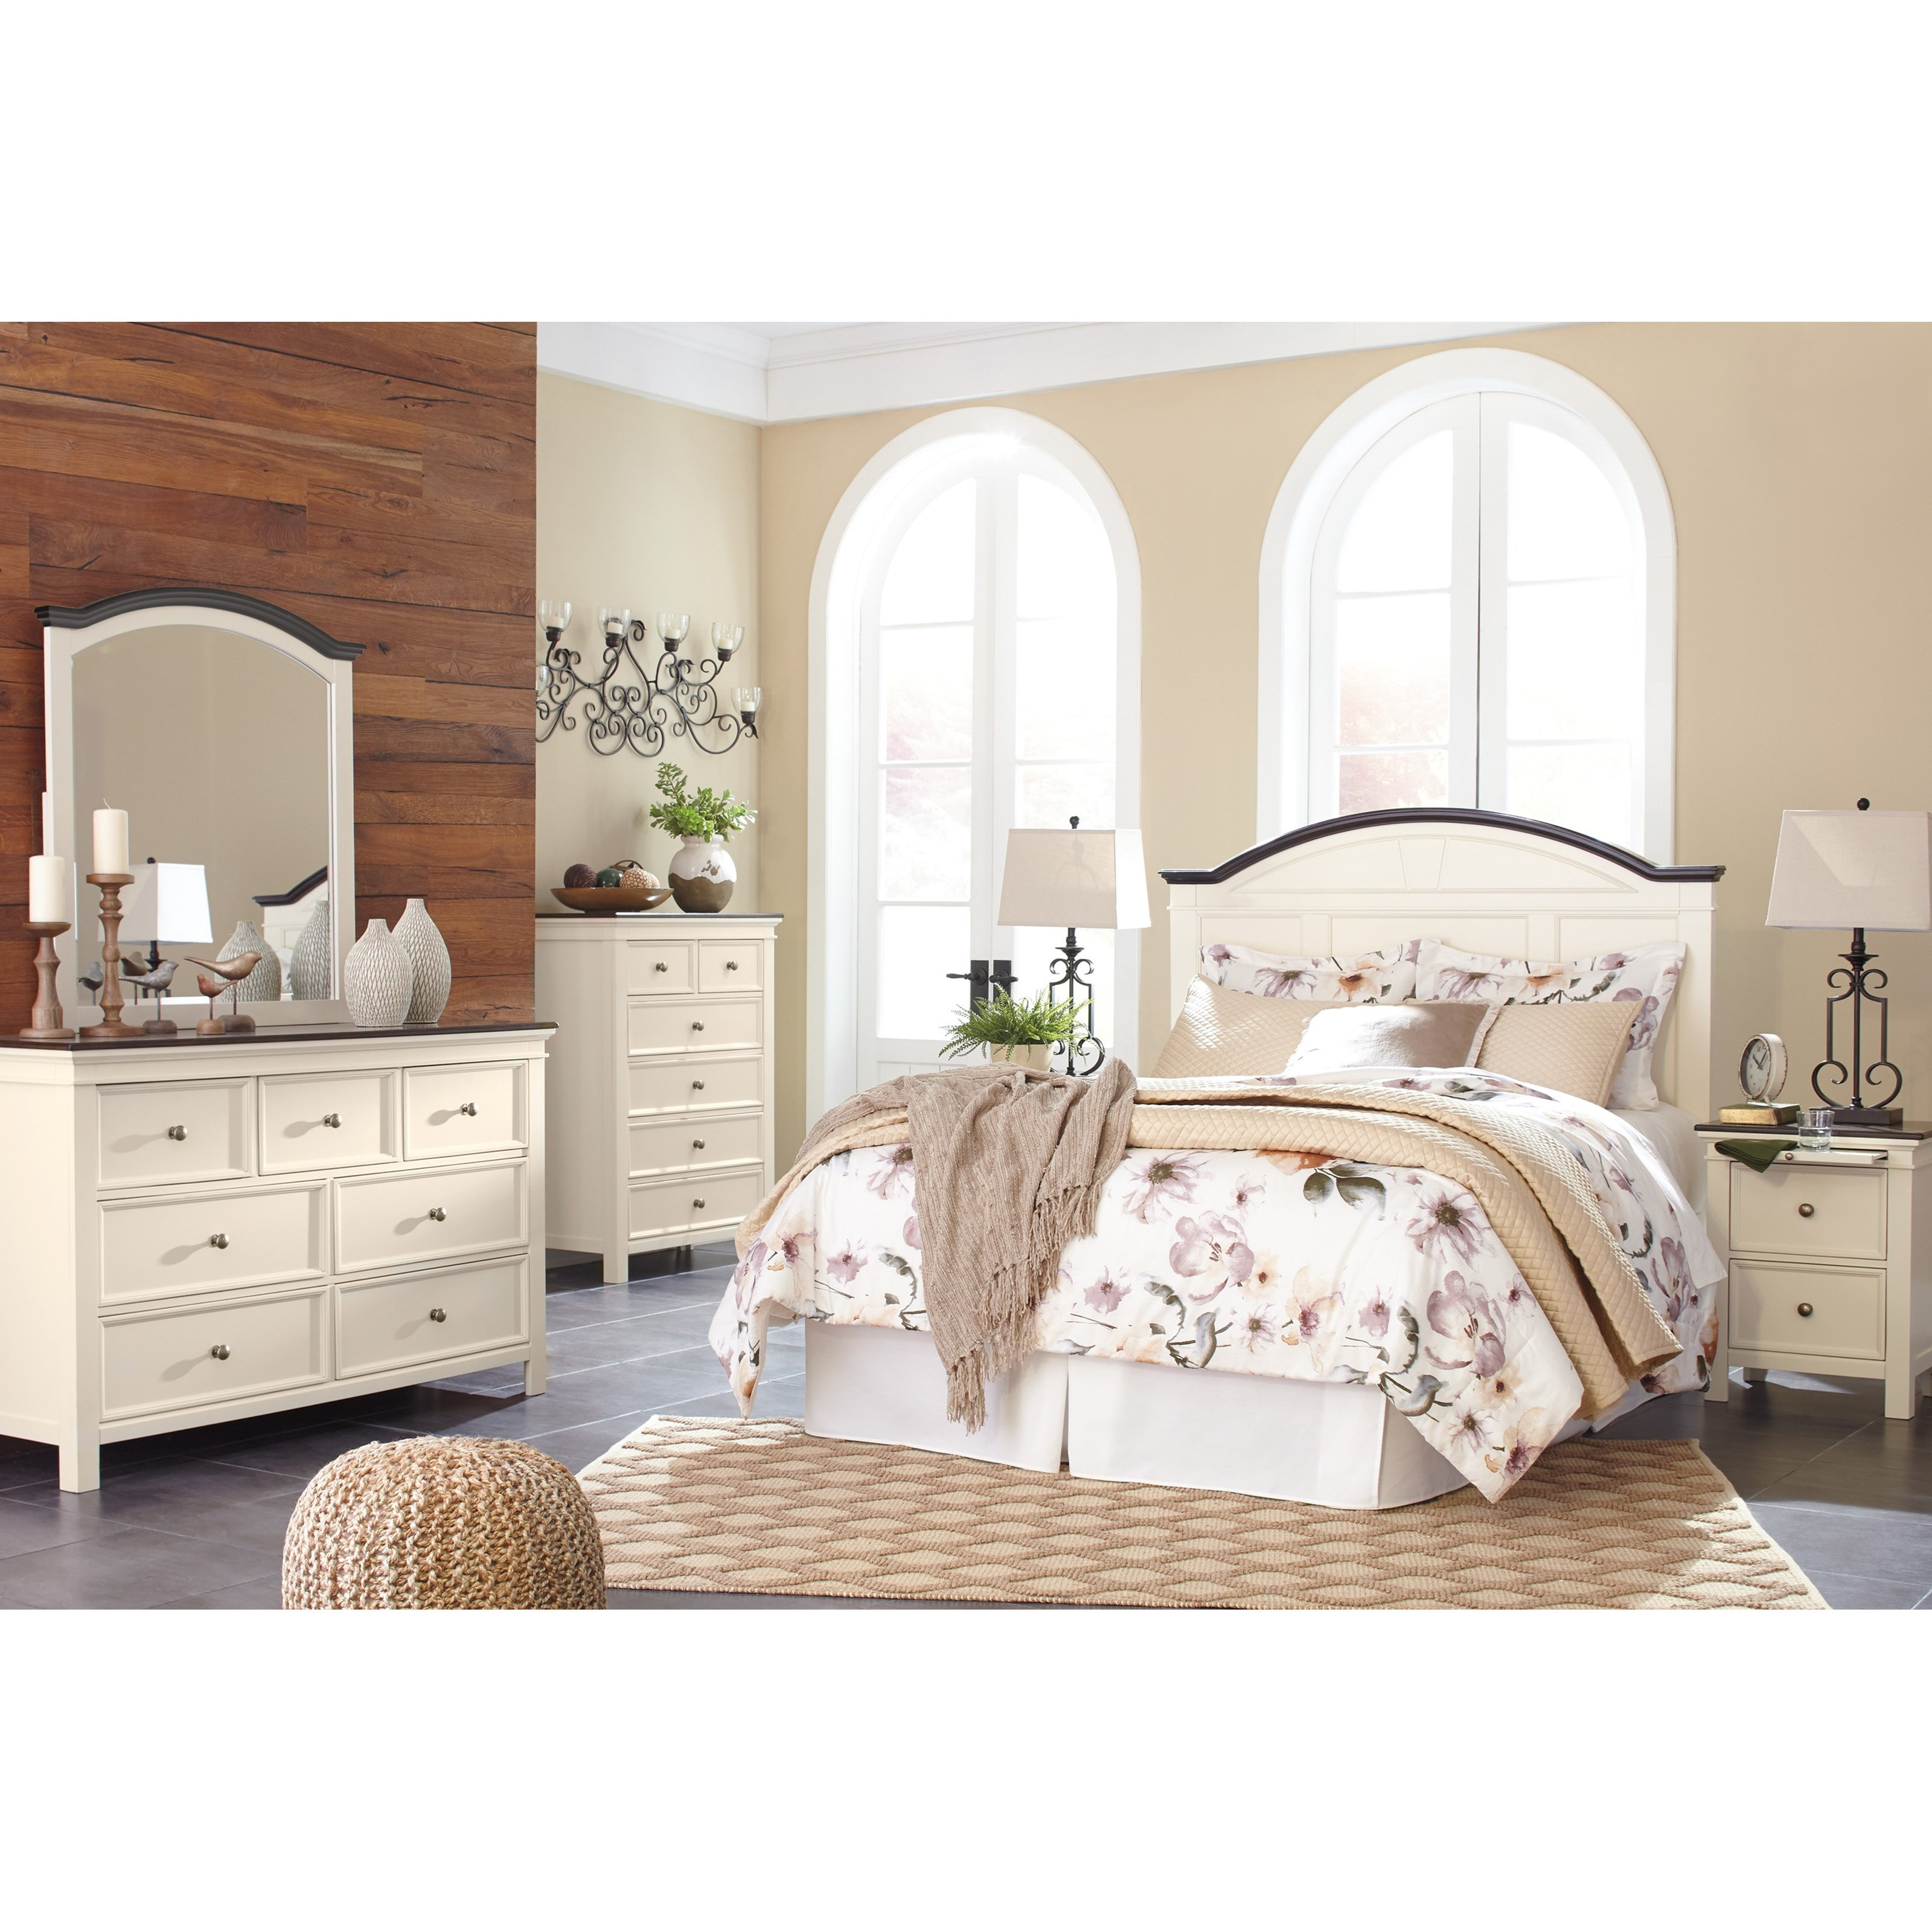 Ashley Signature Design Woodanville Queen Bedroom Group